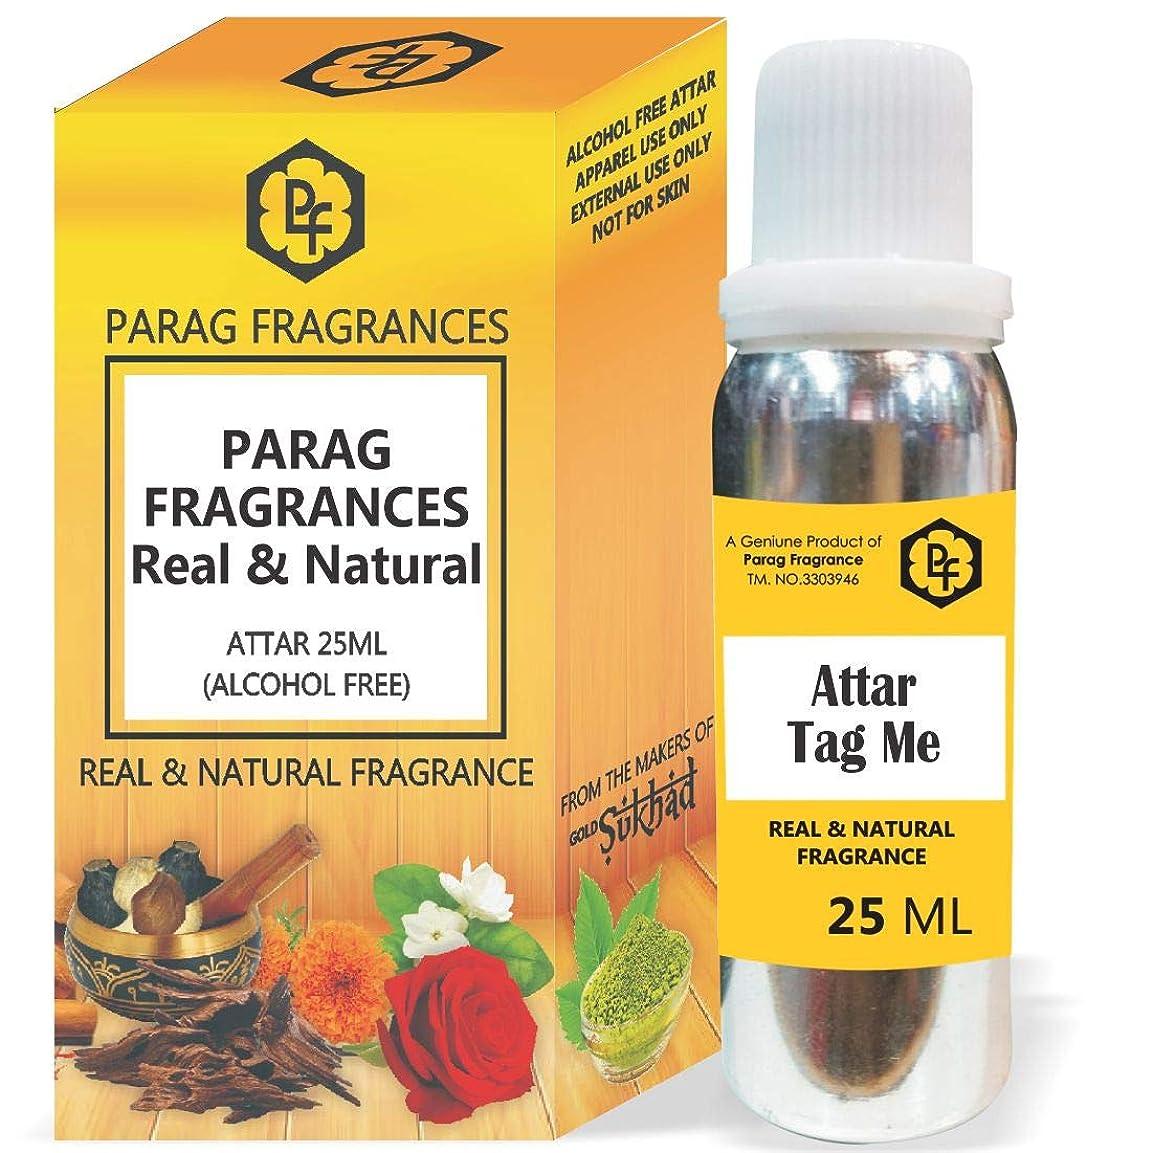 不要高原掃除50/100/200/500パック内の他のエディションファンシー空き瓶(アルコールフリー、ロングラスティング、自然アター)でParagフレグランス25ミリリットルタグミーアター